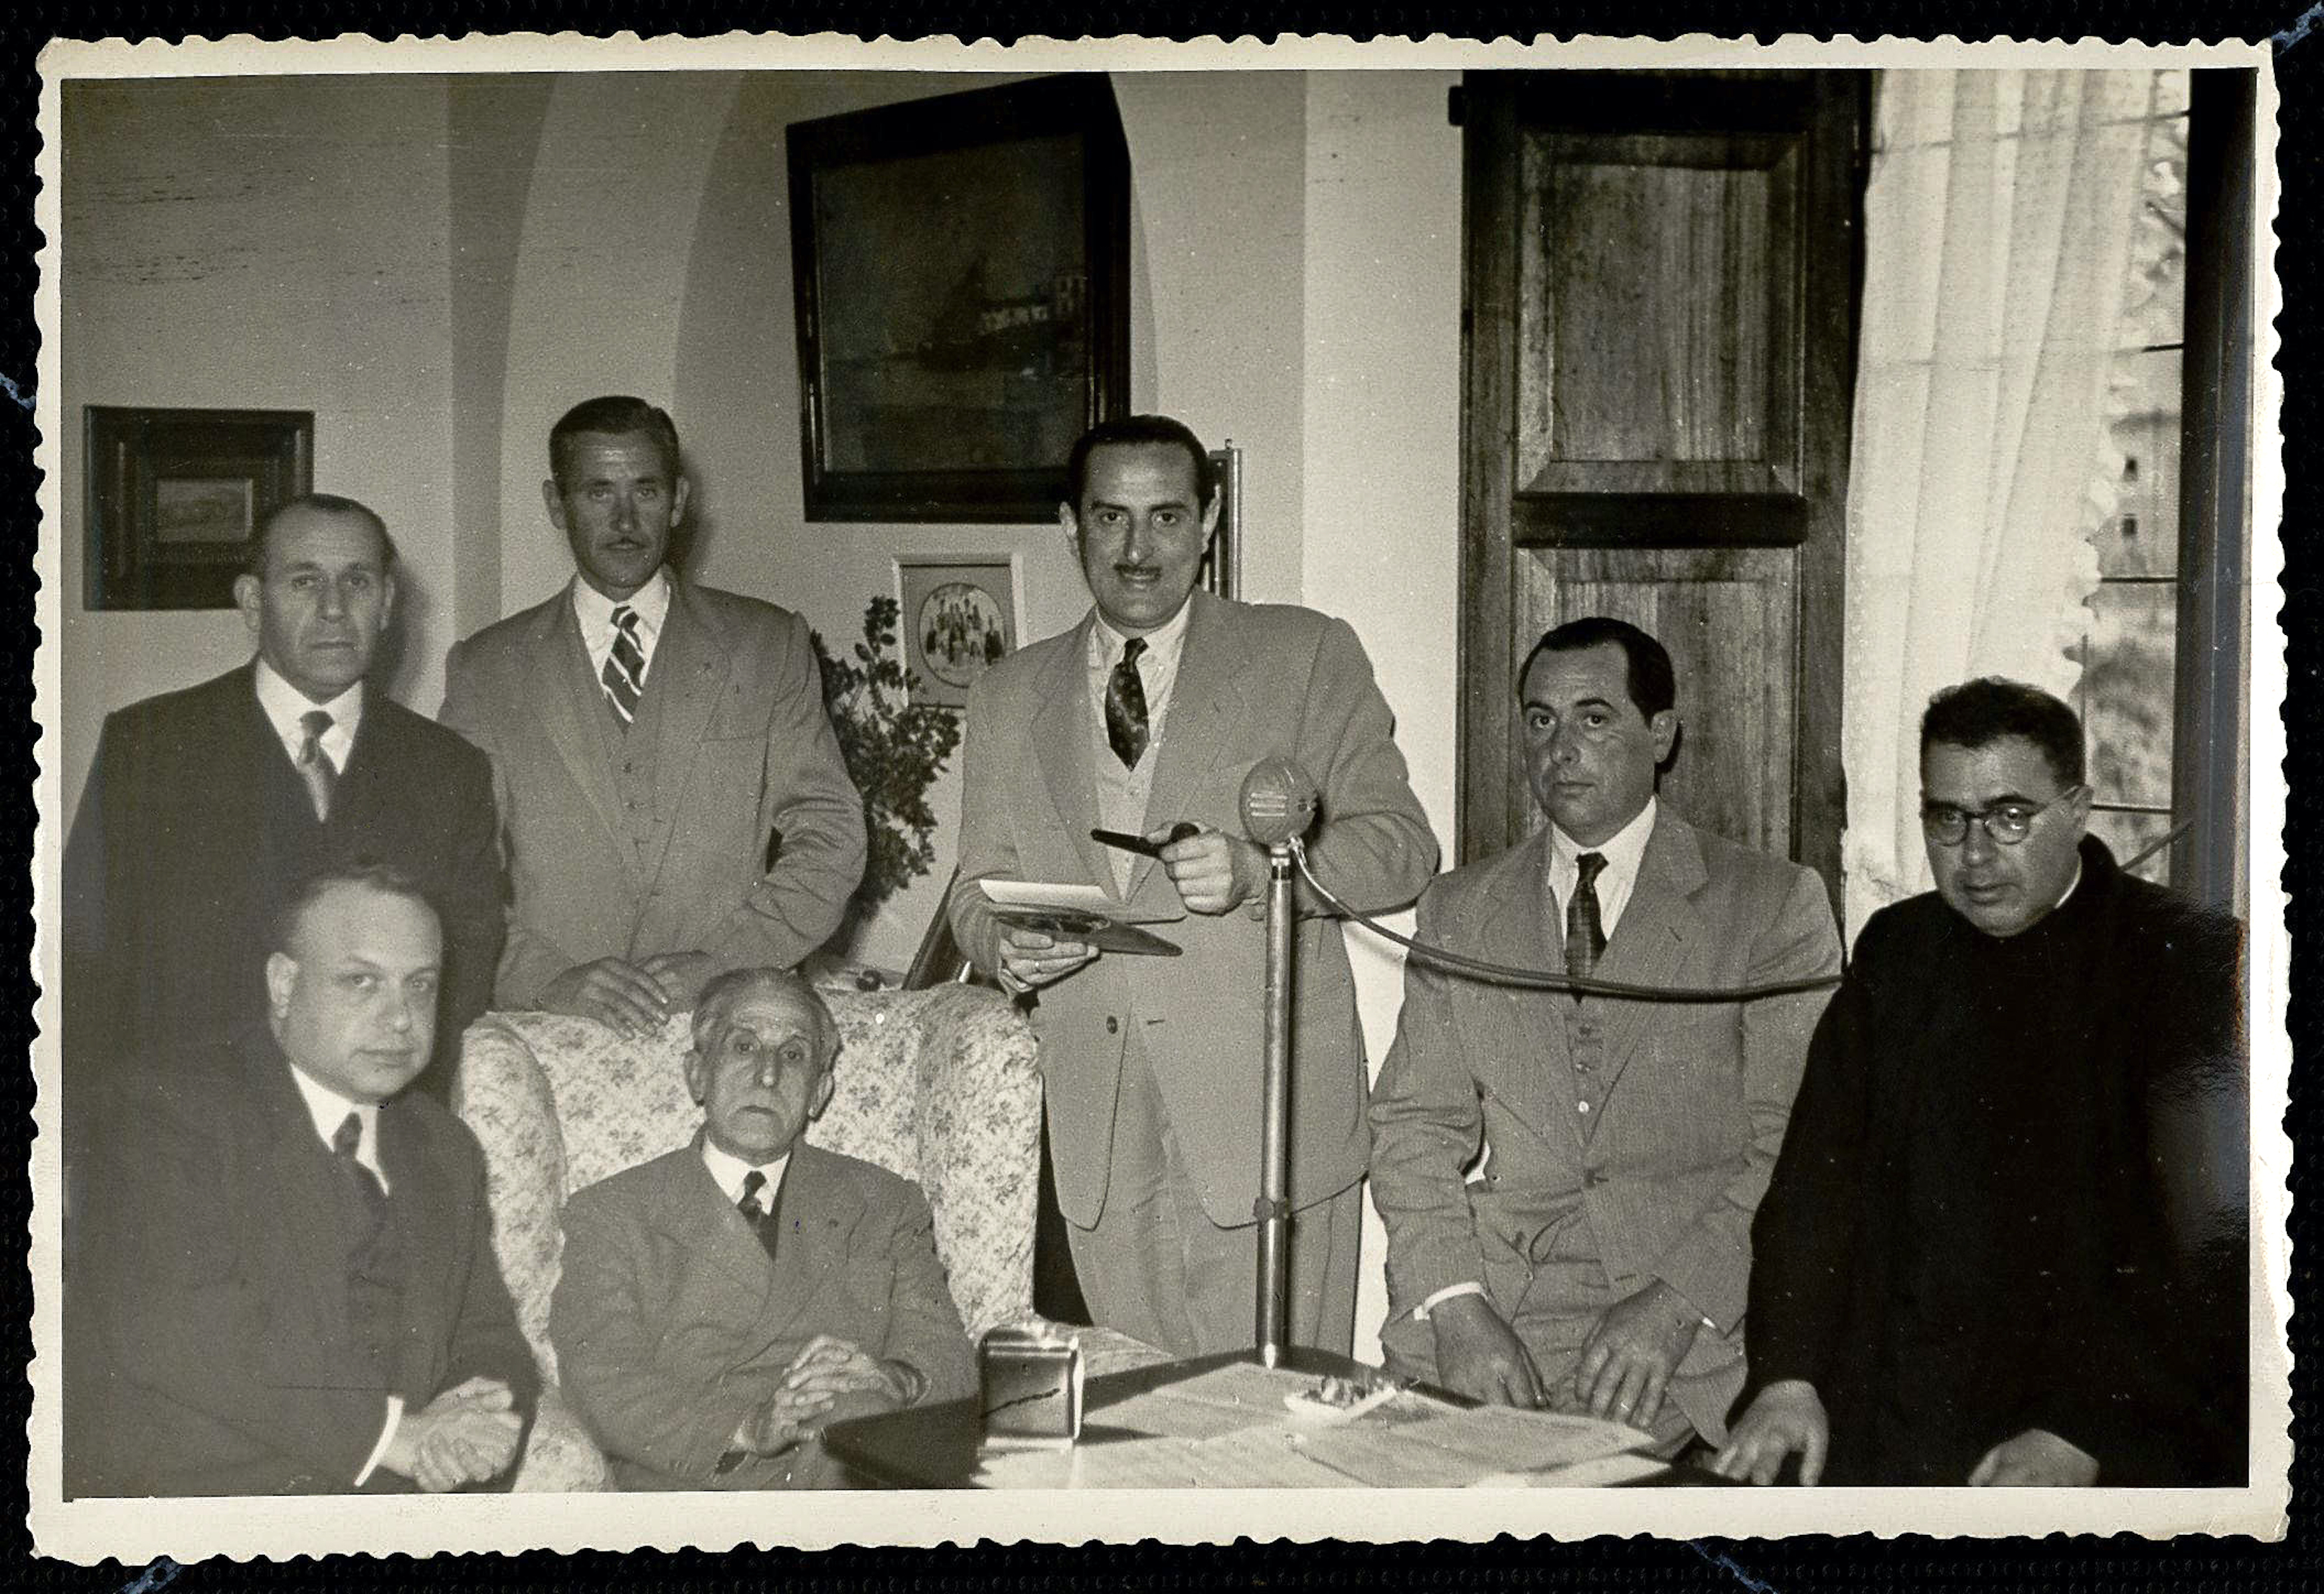 Aplec d'orfeons a l'Ametlla del Vallès. Masia de Can Millet. Joan Llongueres i Badia, Joan Tomàs i Parés, Lluís M Millet i Josep Jordi Llongueres i Galí. 1952. CEDOC